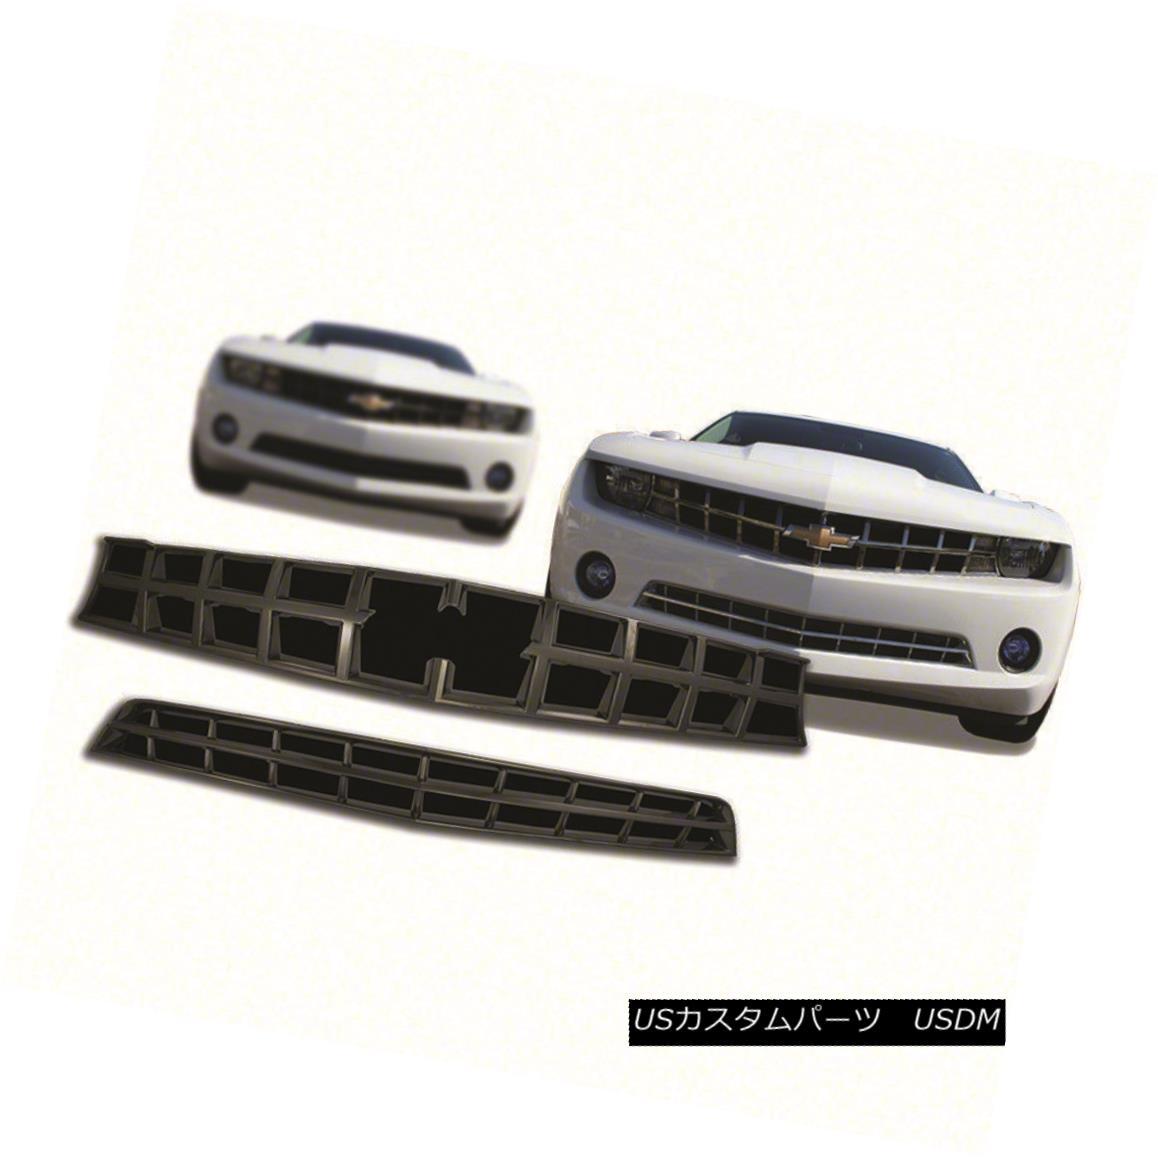 グリル IWCGI86BC-Fits 2010-13 Chevrolet Camaro-2pc Black Chrome Grille Overlay IWCGI86BC-Fits 2010-13 Chevrolet Camaro-2pcブラッククロームグリルオーバーレイ